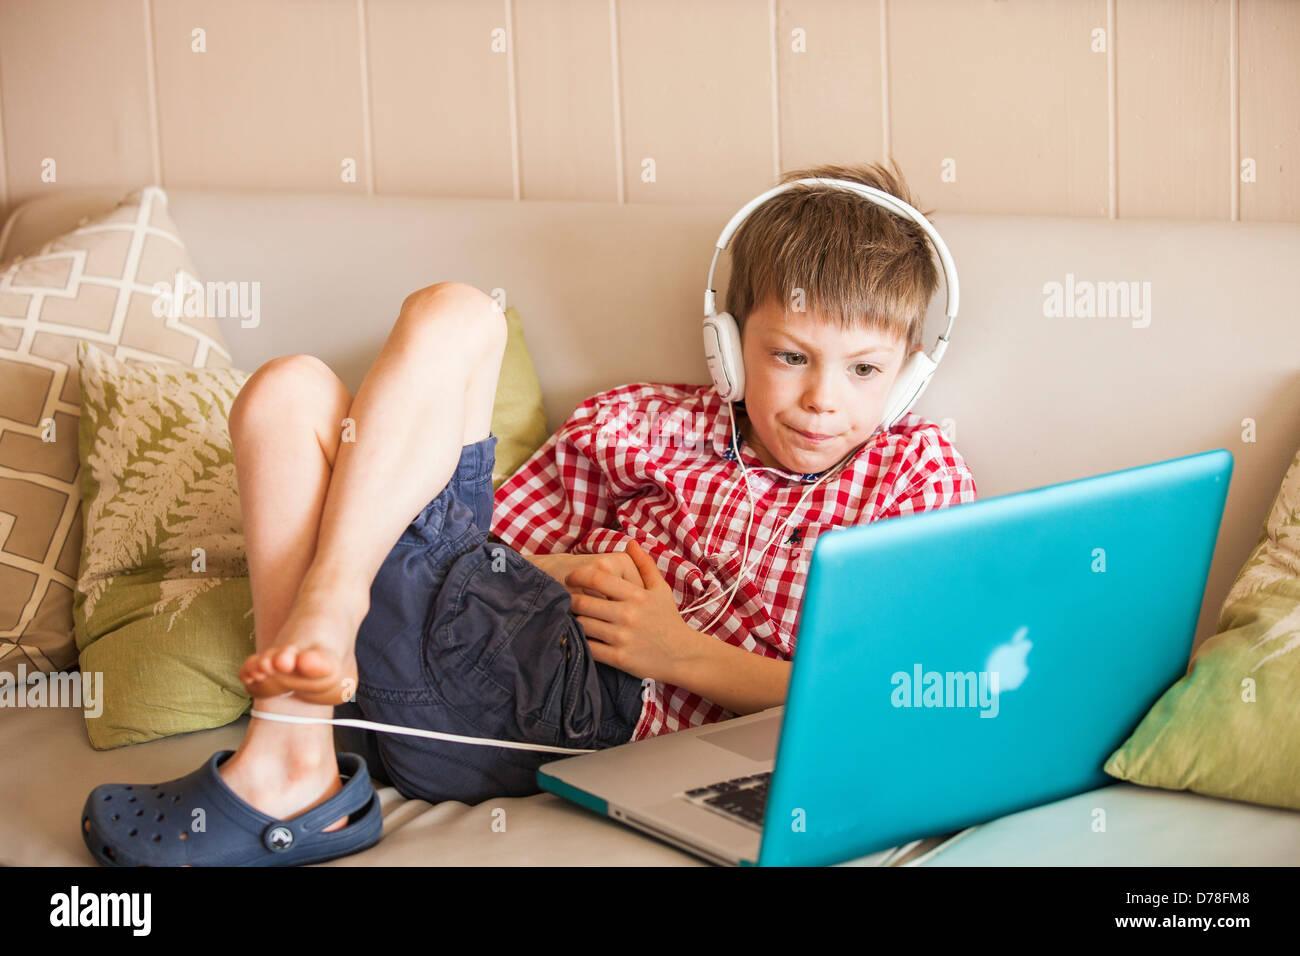 Niño con ordenador portátil y auriculares Imagen De Stock